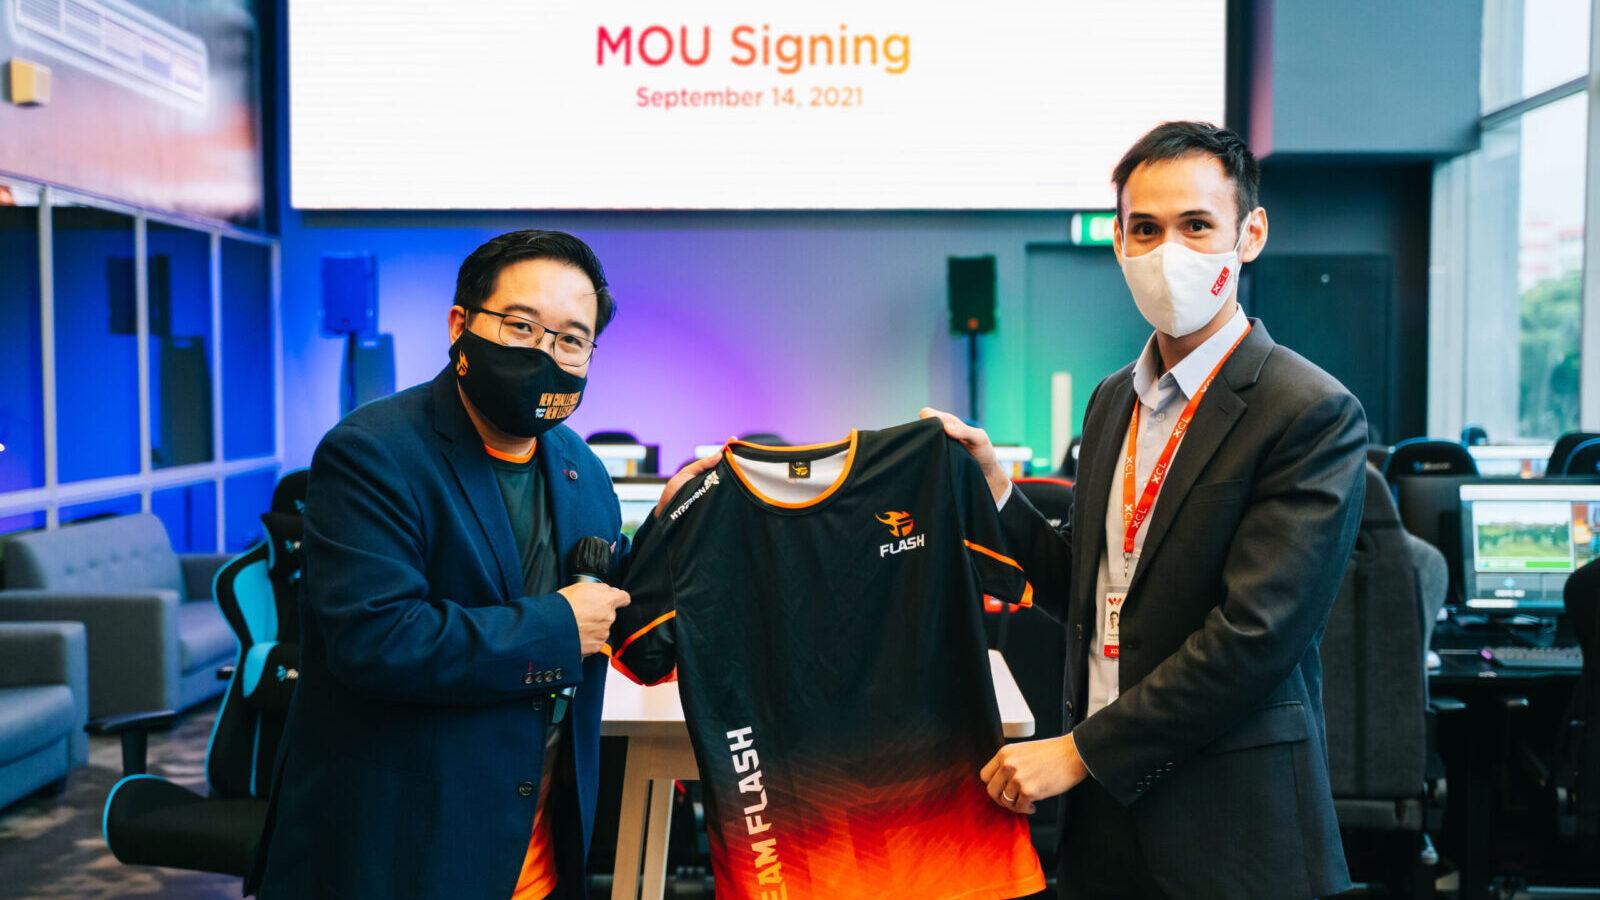 XCL Education và tổ chức Esports hàng đầu khu vực, Team Flash ký thỏa thuận mang tính bước ngoặt